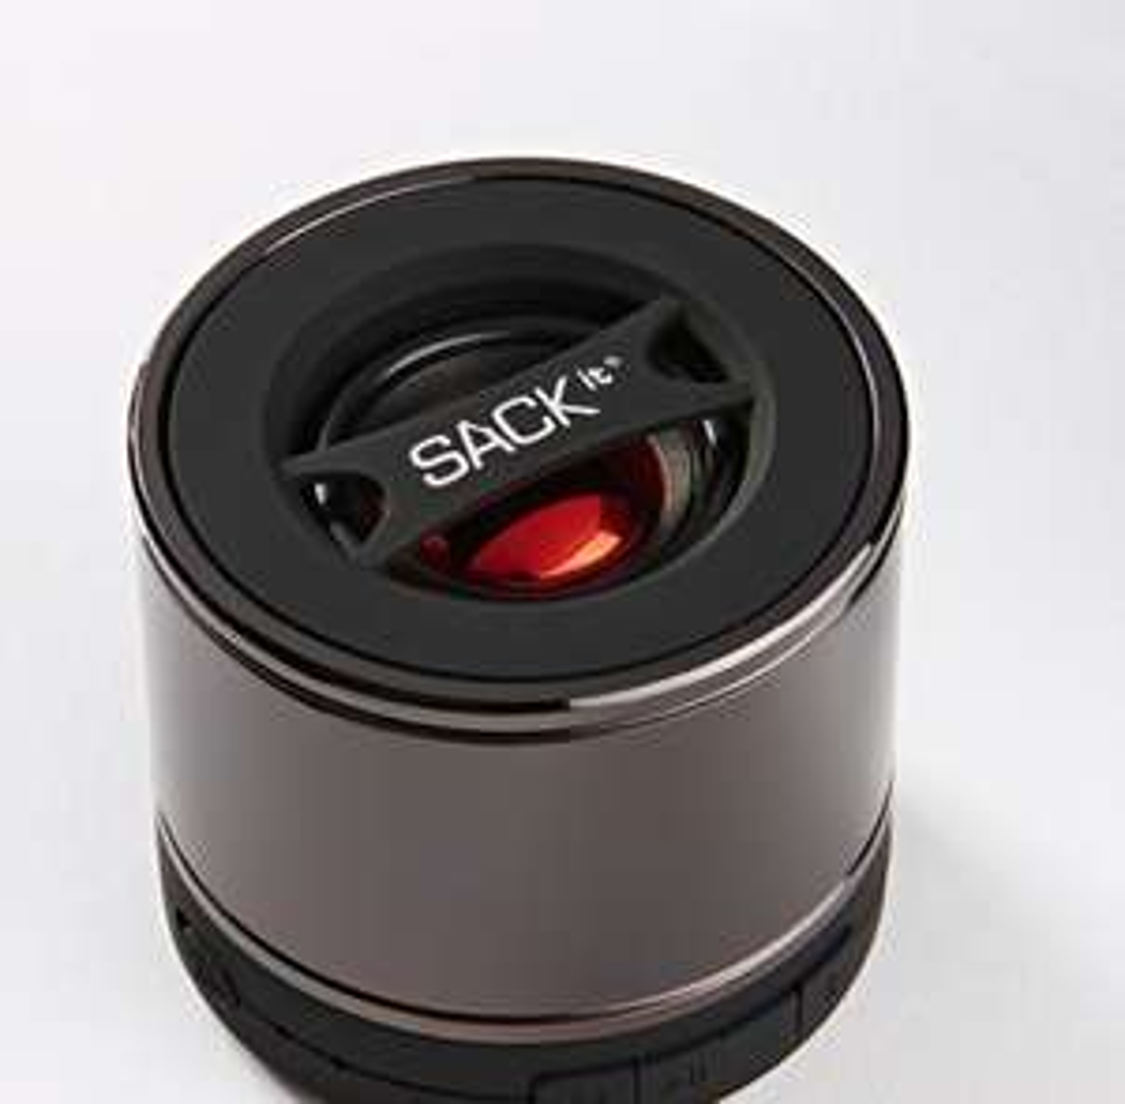 SACKit - WOOFit S Bluetooth Speaker van 59,- voor 29,99